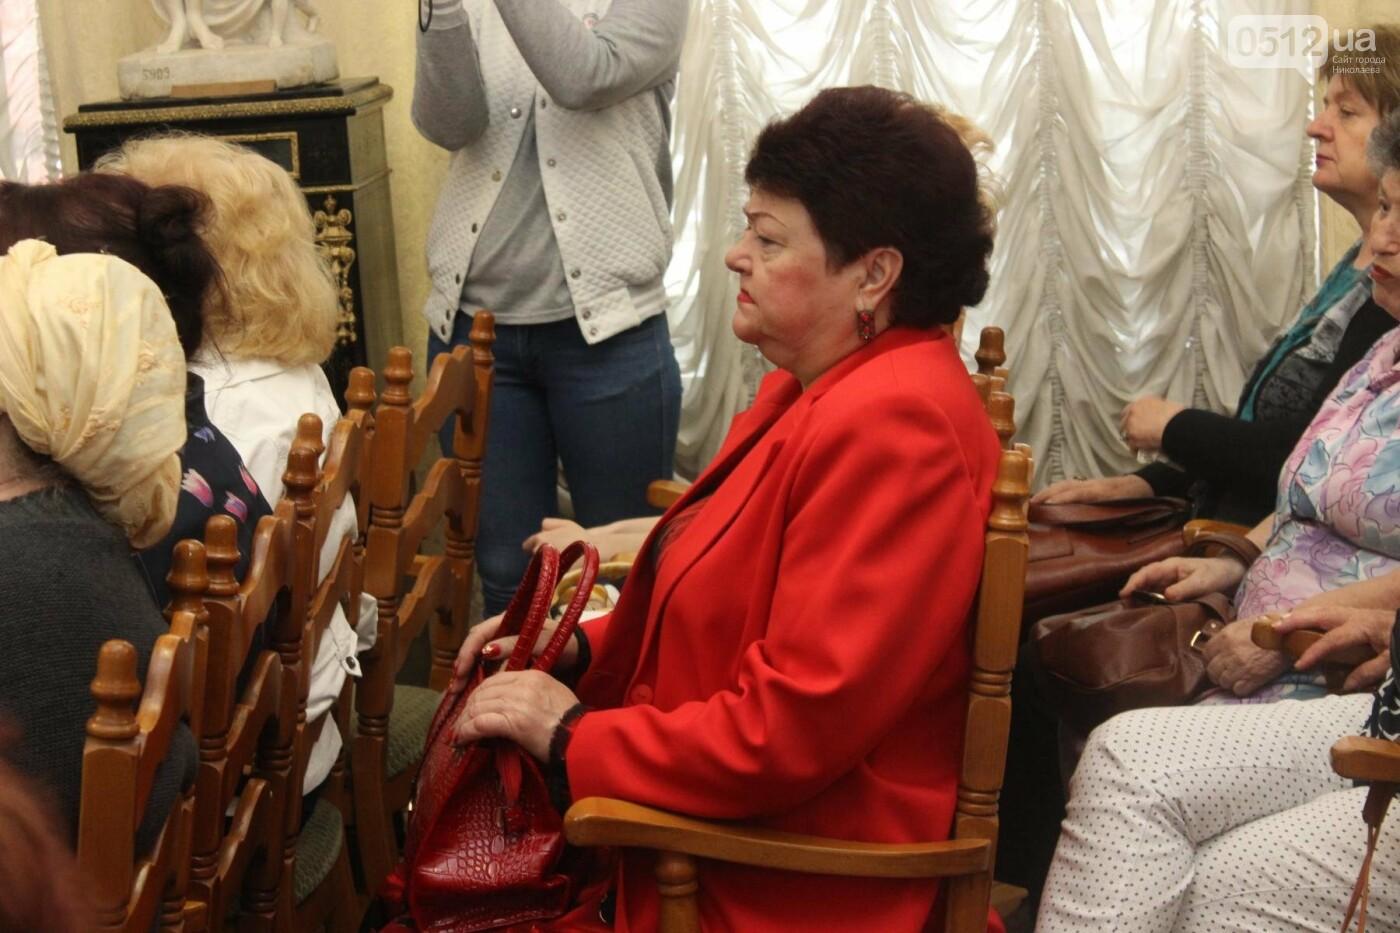 В Николаеве презентовали работы израильских художников к 175-ти летию Верещагина, - ФОТО, фото-4